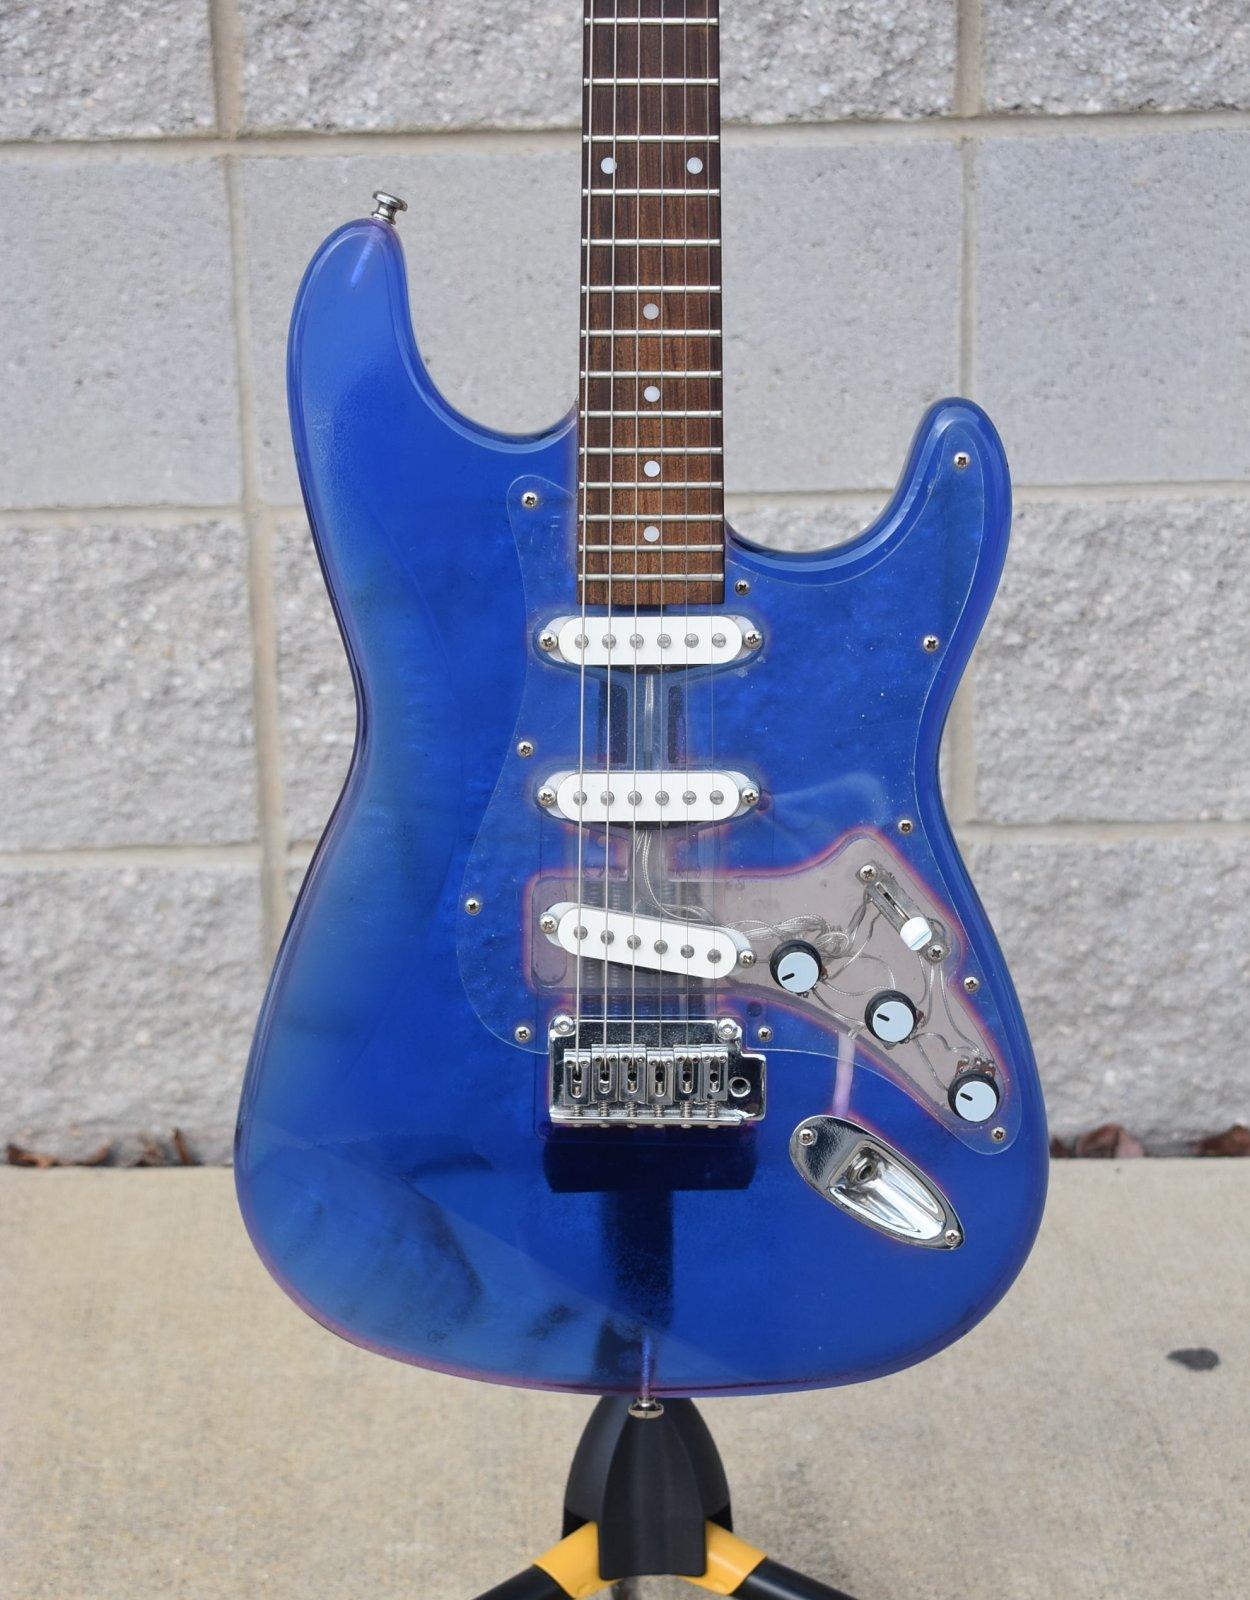 Axiom Transica Acrylic Transparent Electric Guitar - Transparent Violet